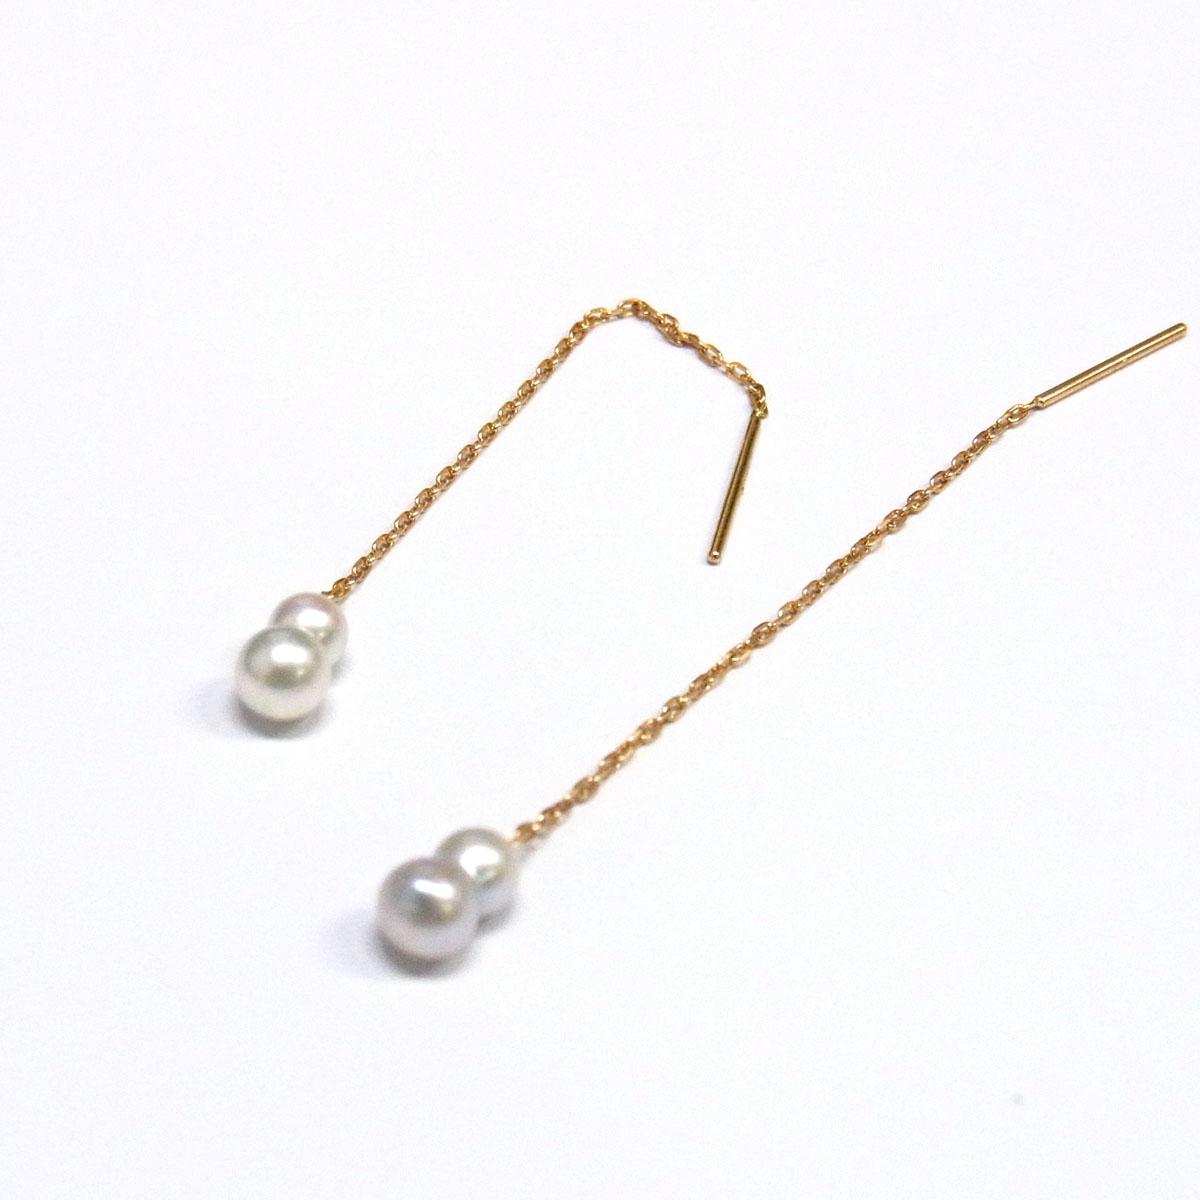 双子の真珠 パールピアス 極小